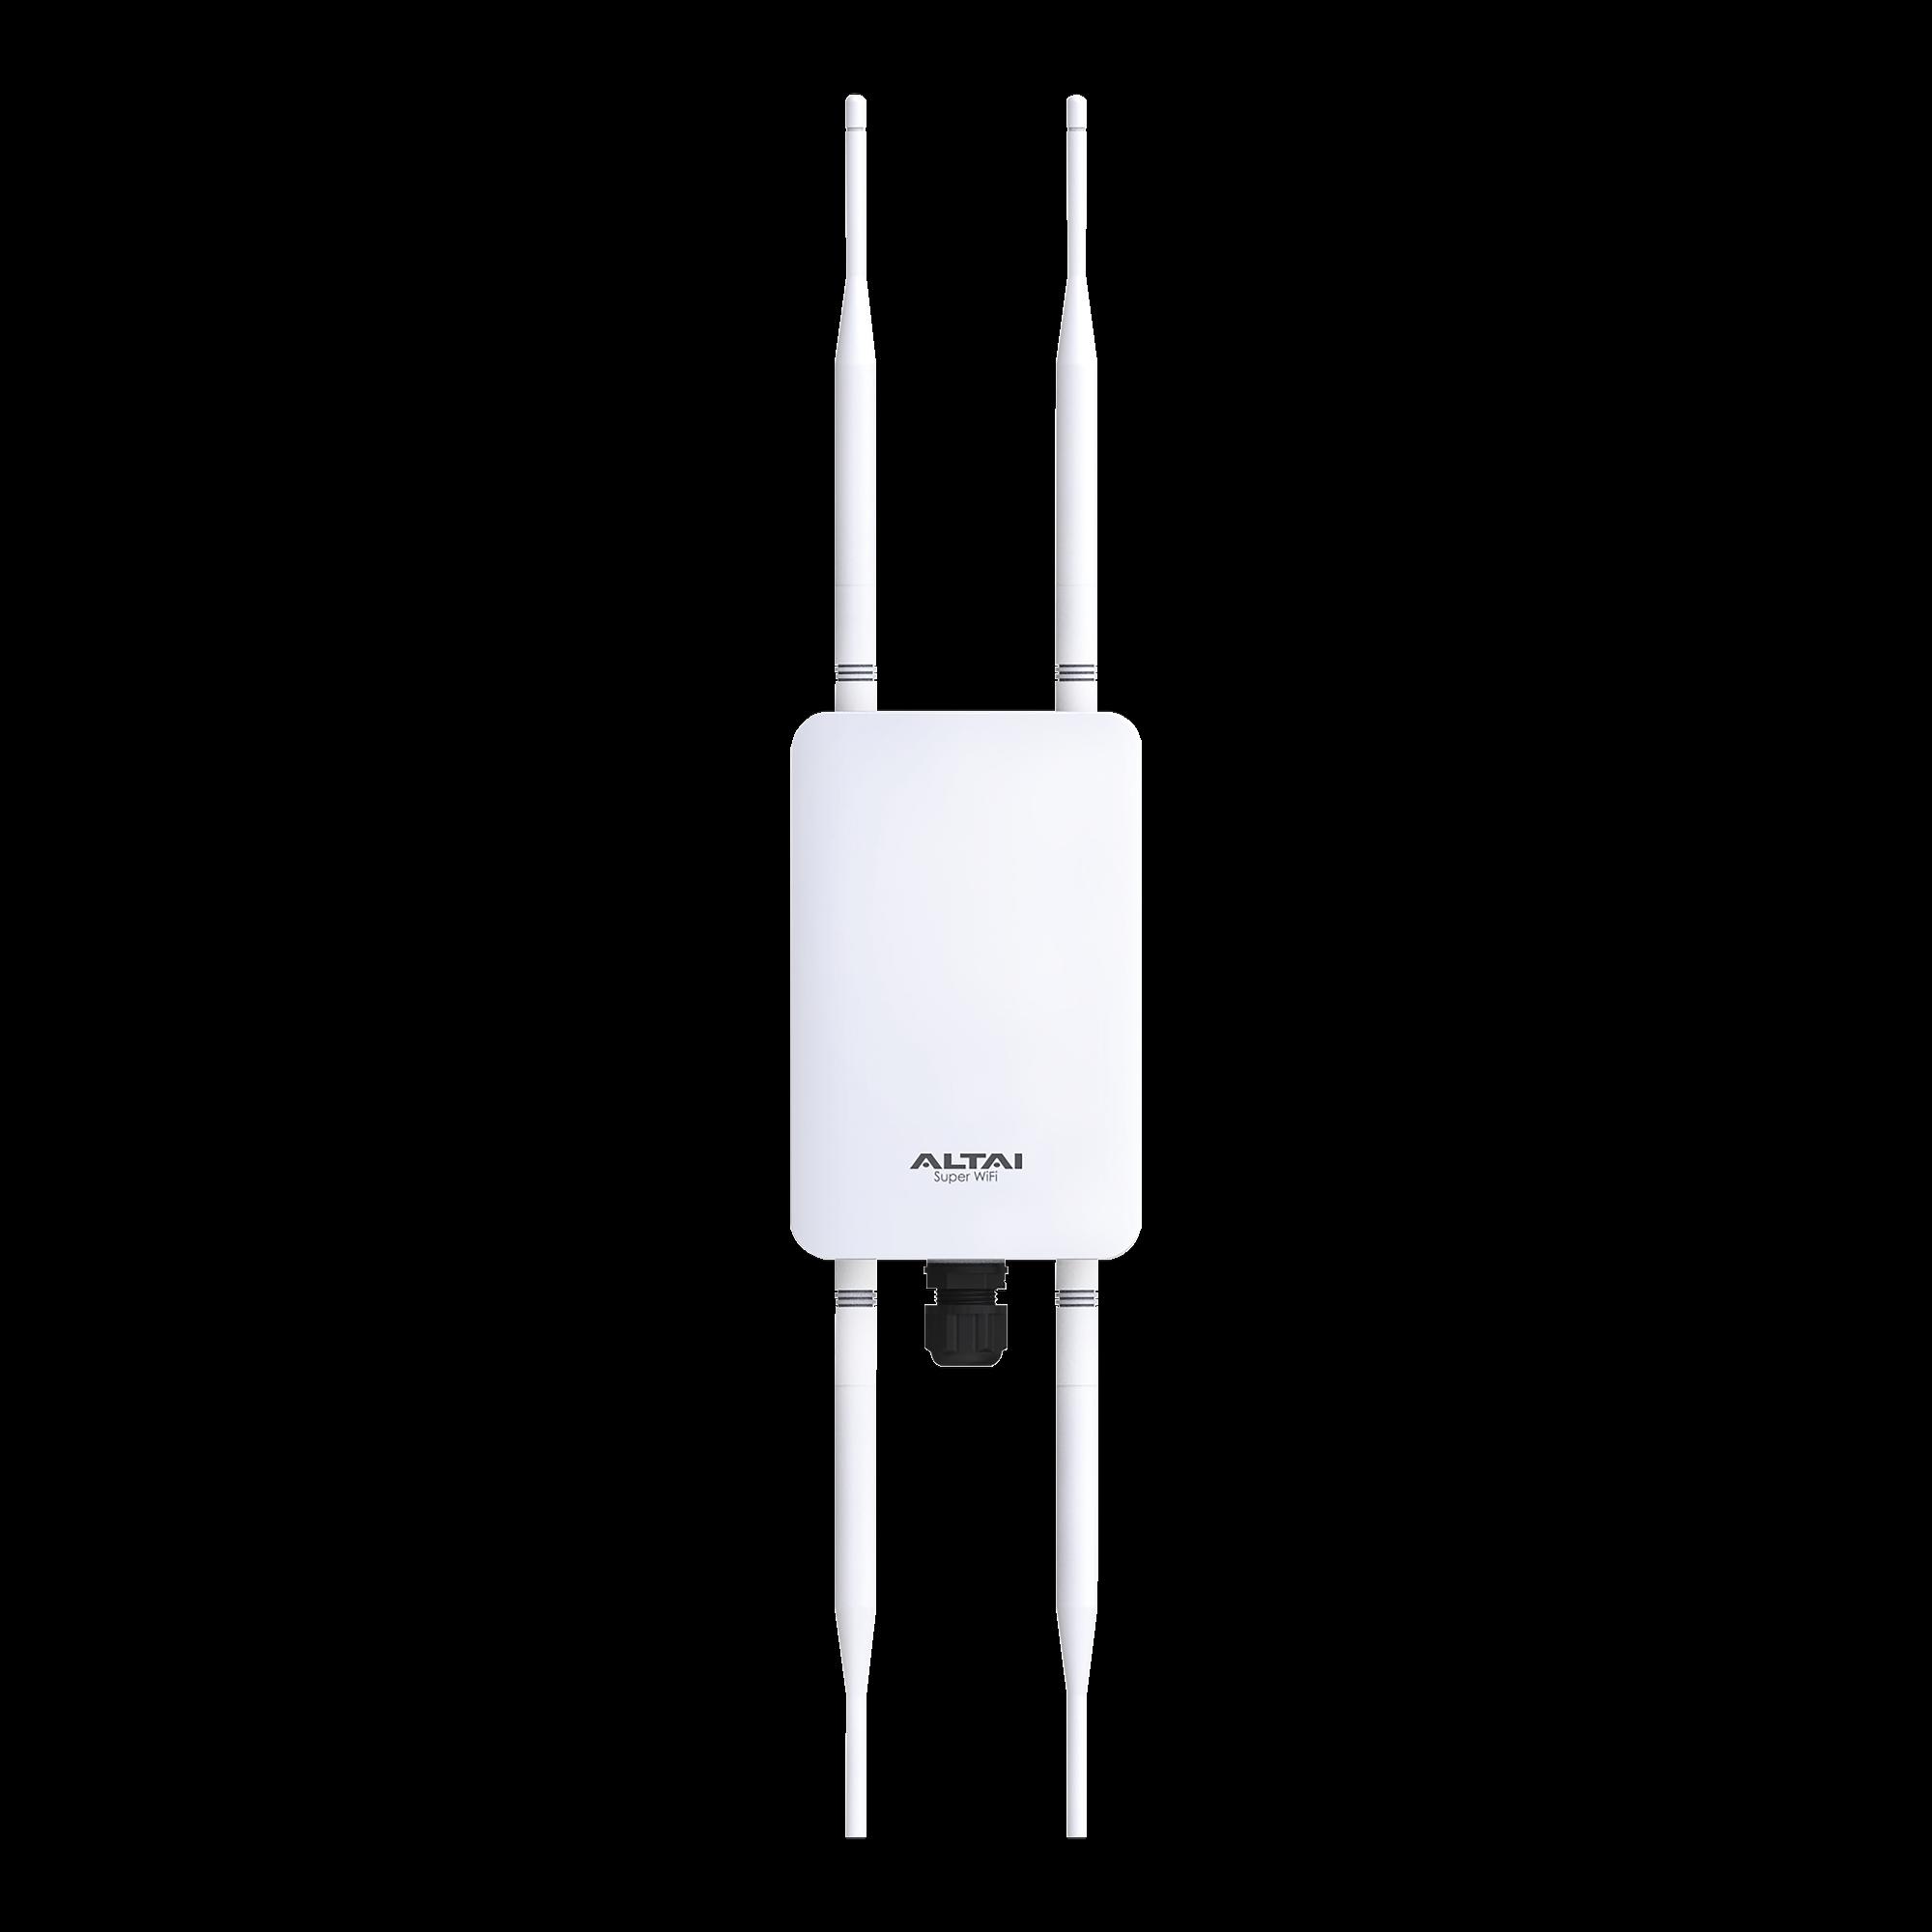 Punto de Acceso Súper WiFi, Wave 2, MU-MIMO, Doble Banda, 1267 Mbps, 256 dispositivos, para exteriores